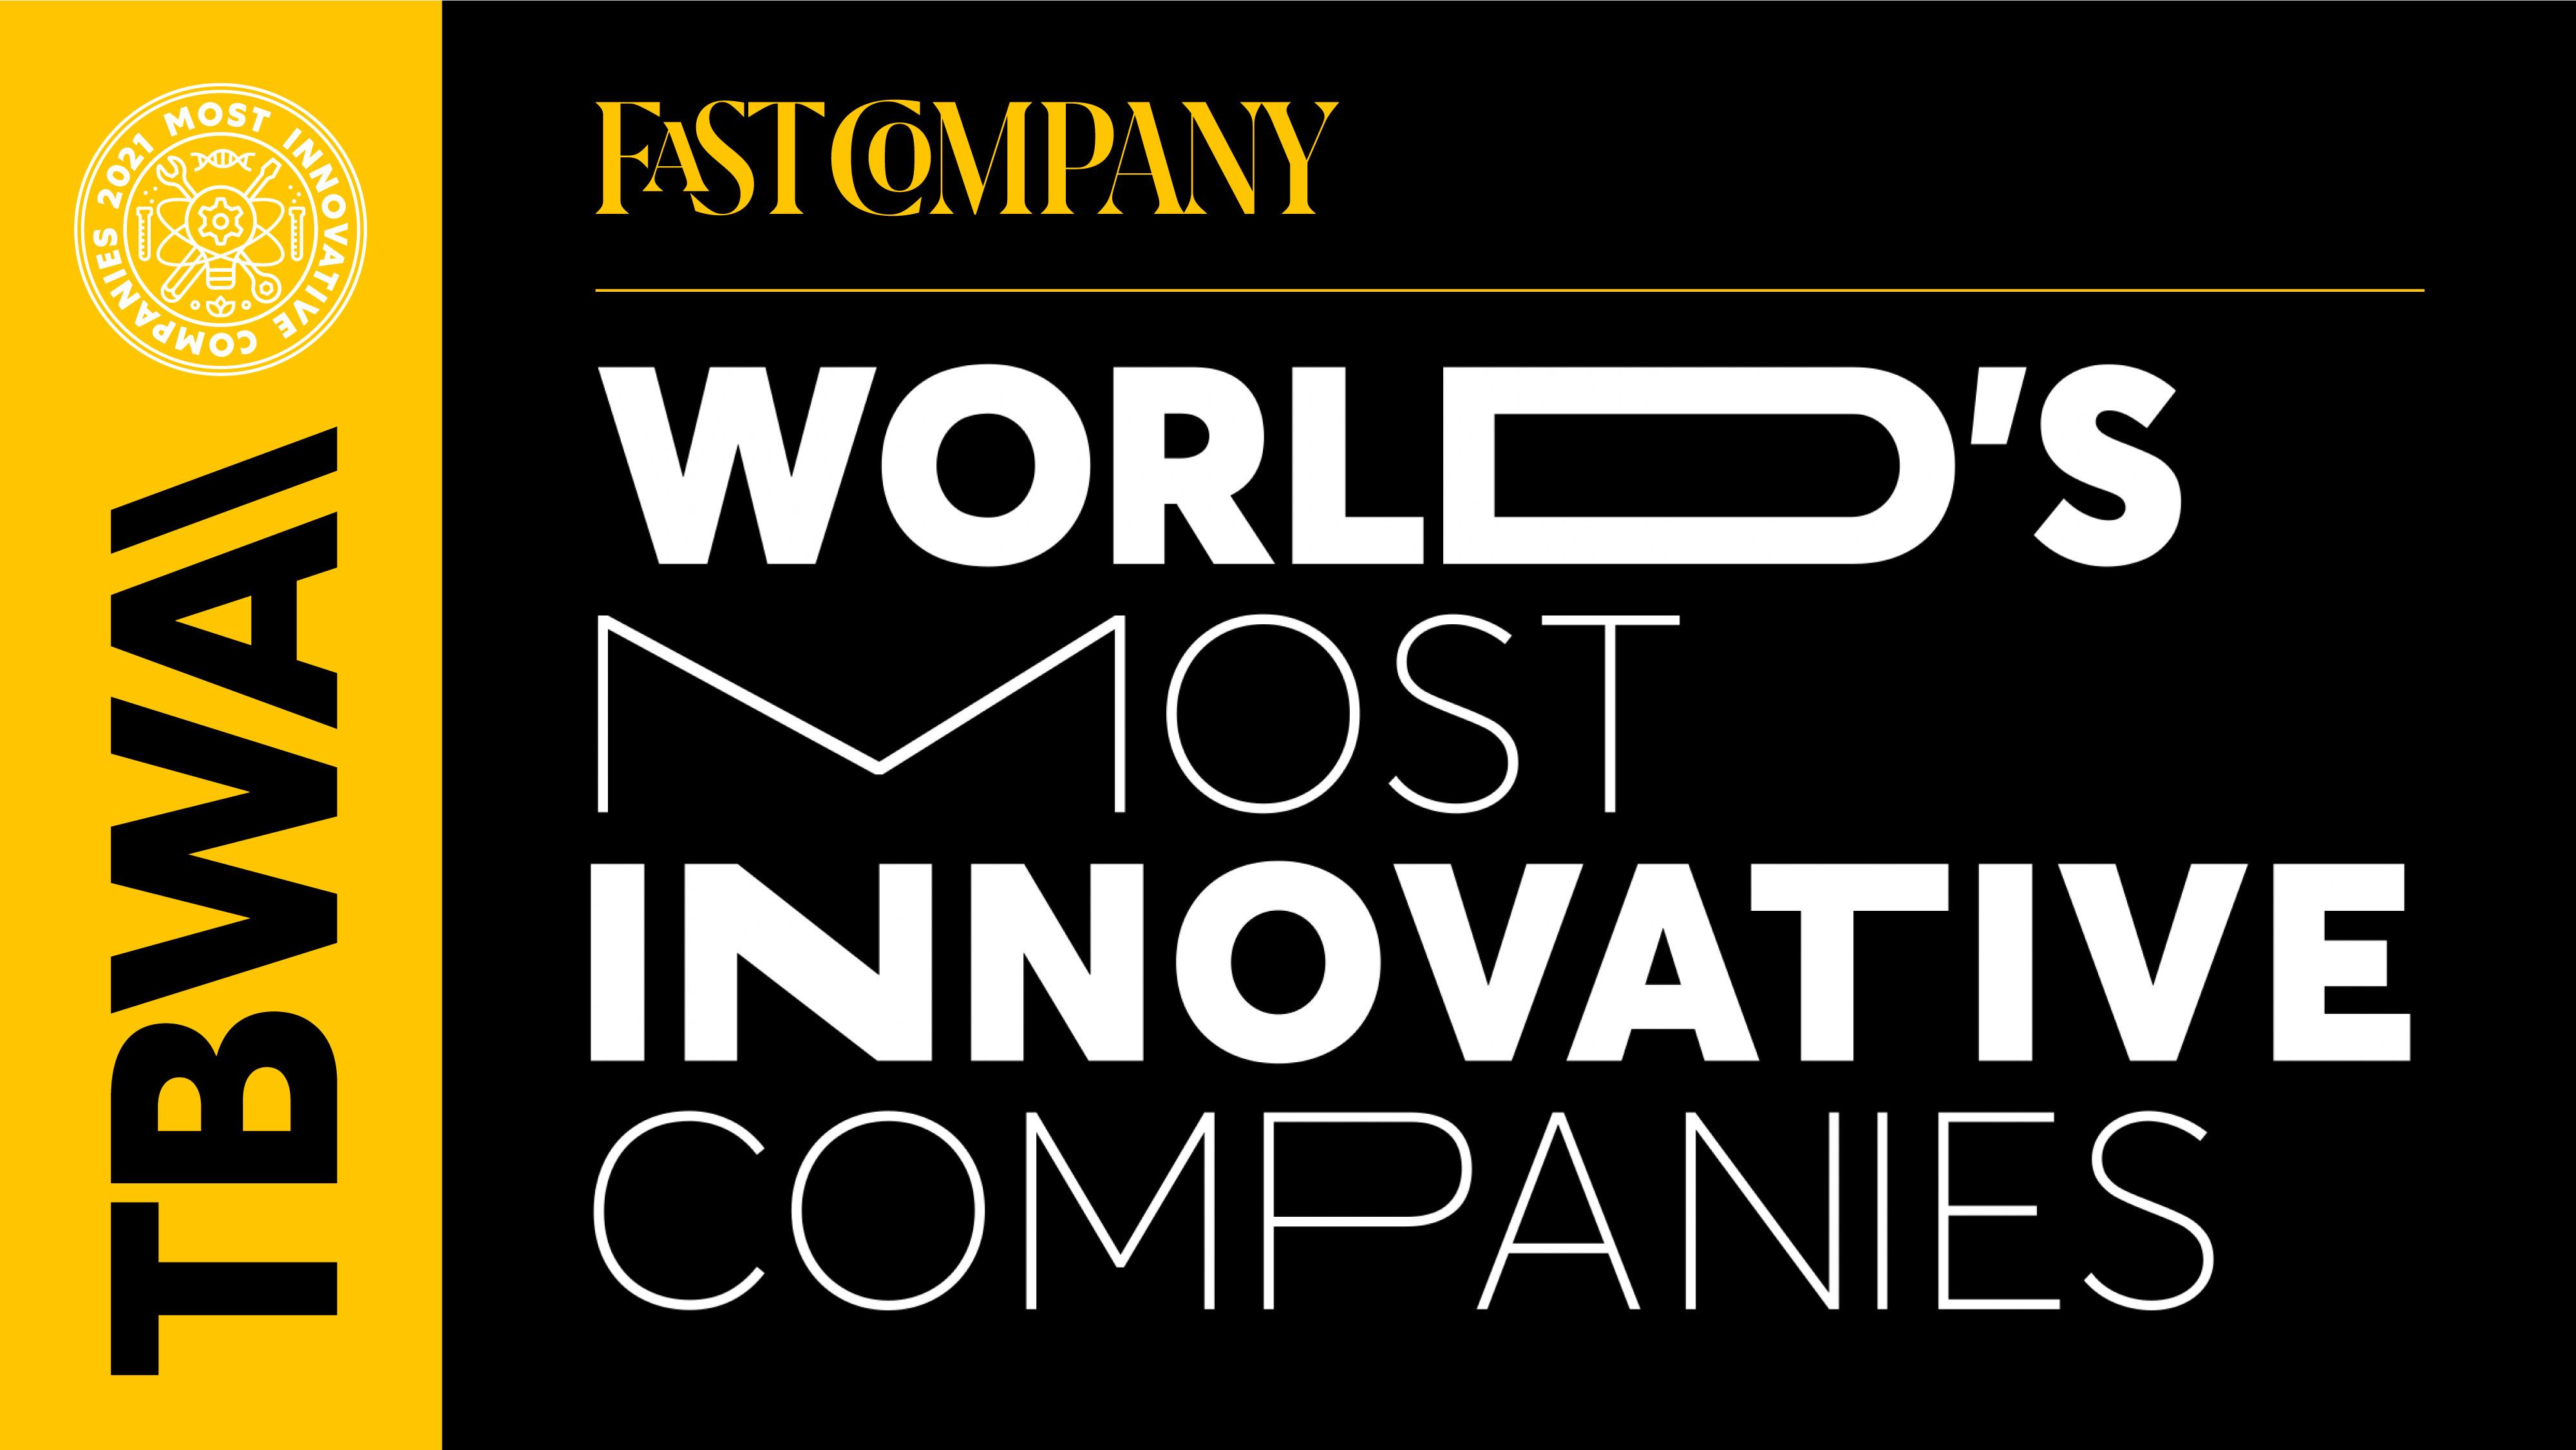 Fast Company nomeia TBWA\Worldwide como uma das empresas mais inovadoras do mundo pelo terceiro ano consecutivo